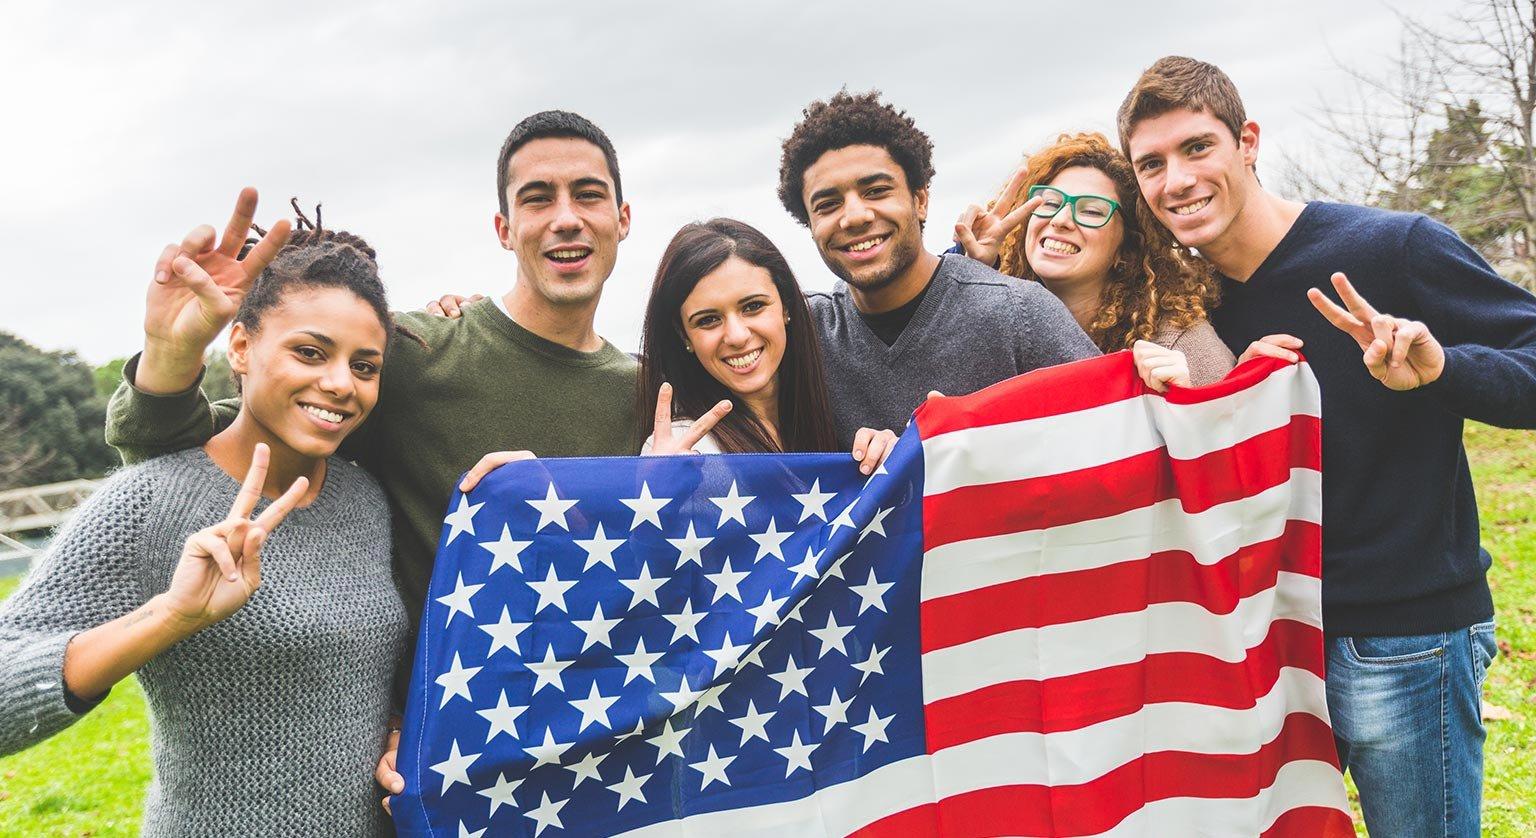 American teen spending